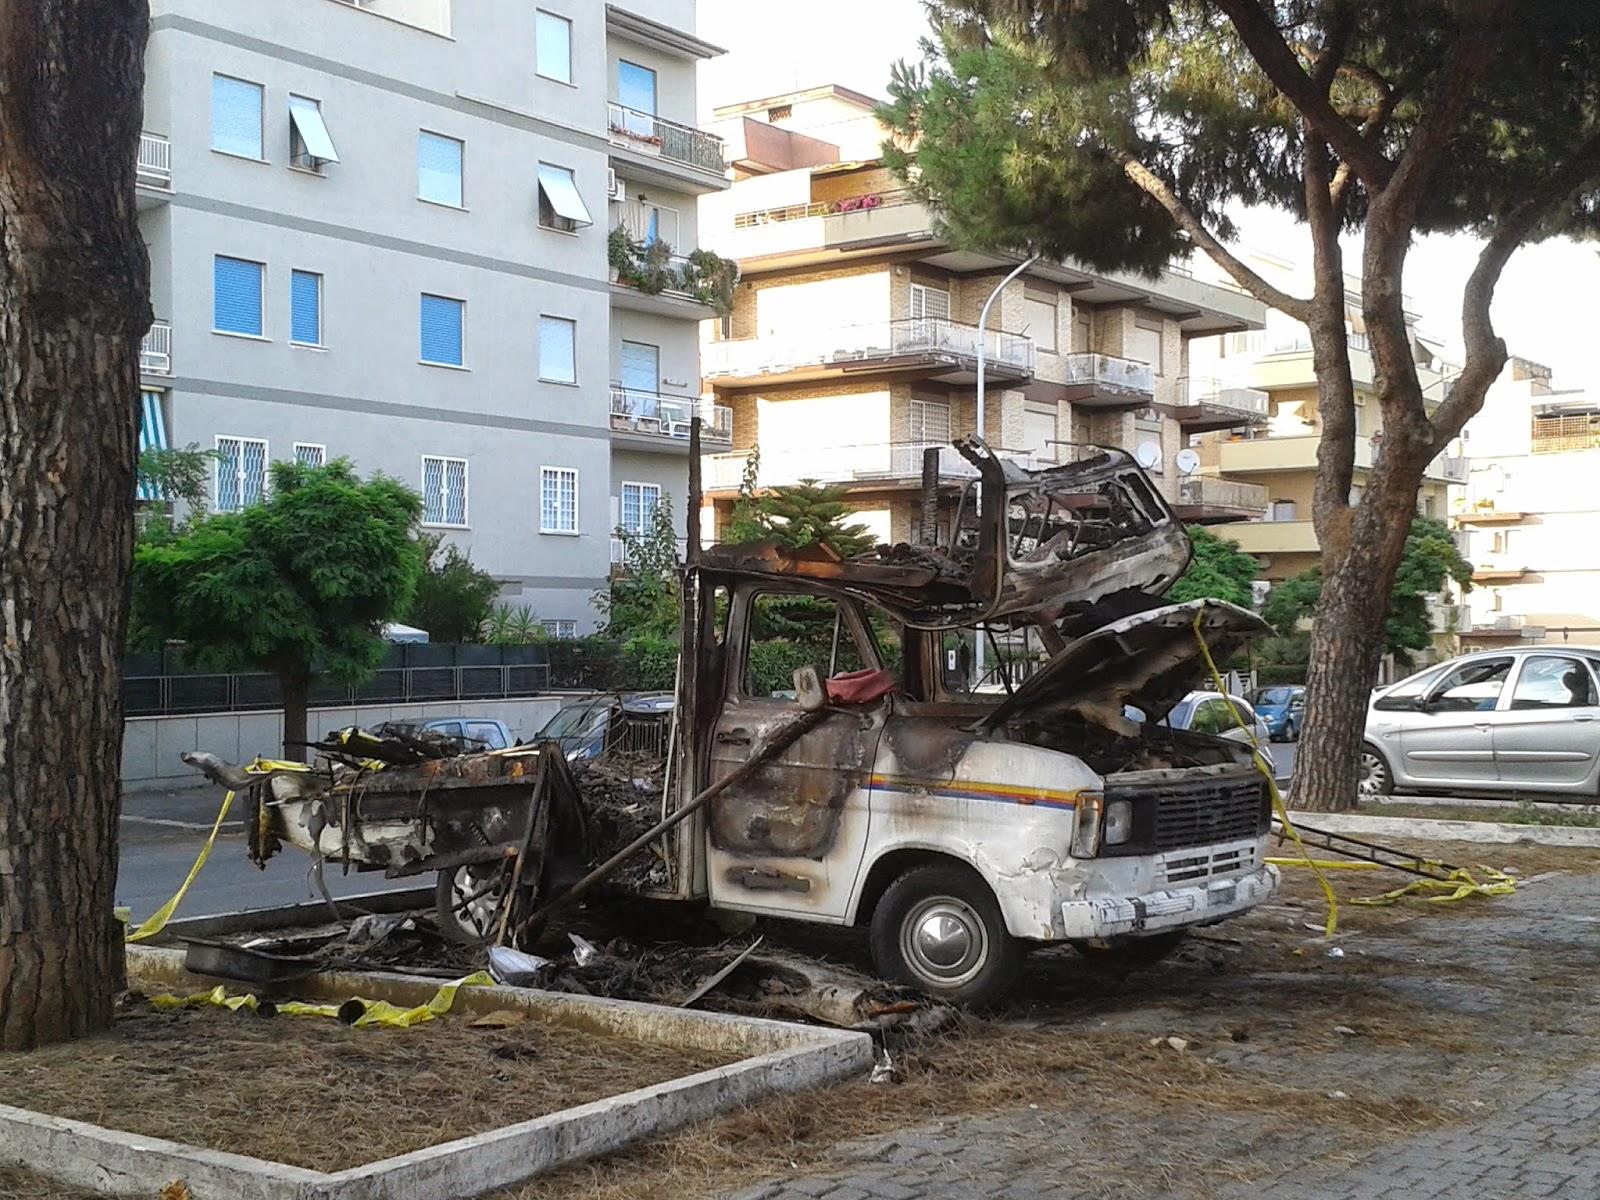 Ancora foto dall area di Via Palmiro Togliatti Un degrado quasi cinematografico nel senso che la zona sempra un set dell orrore